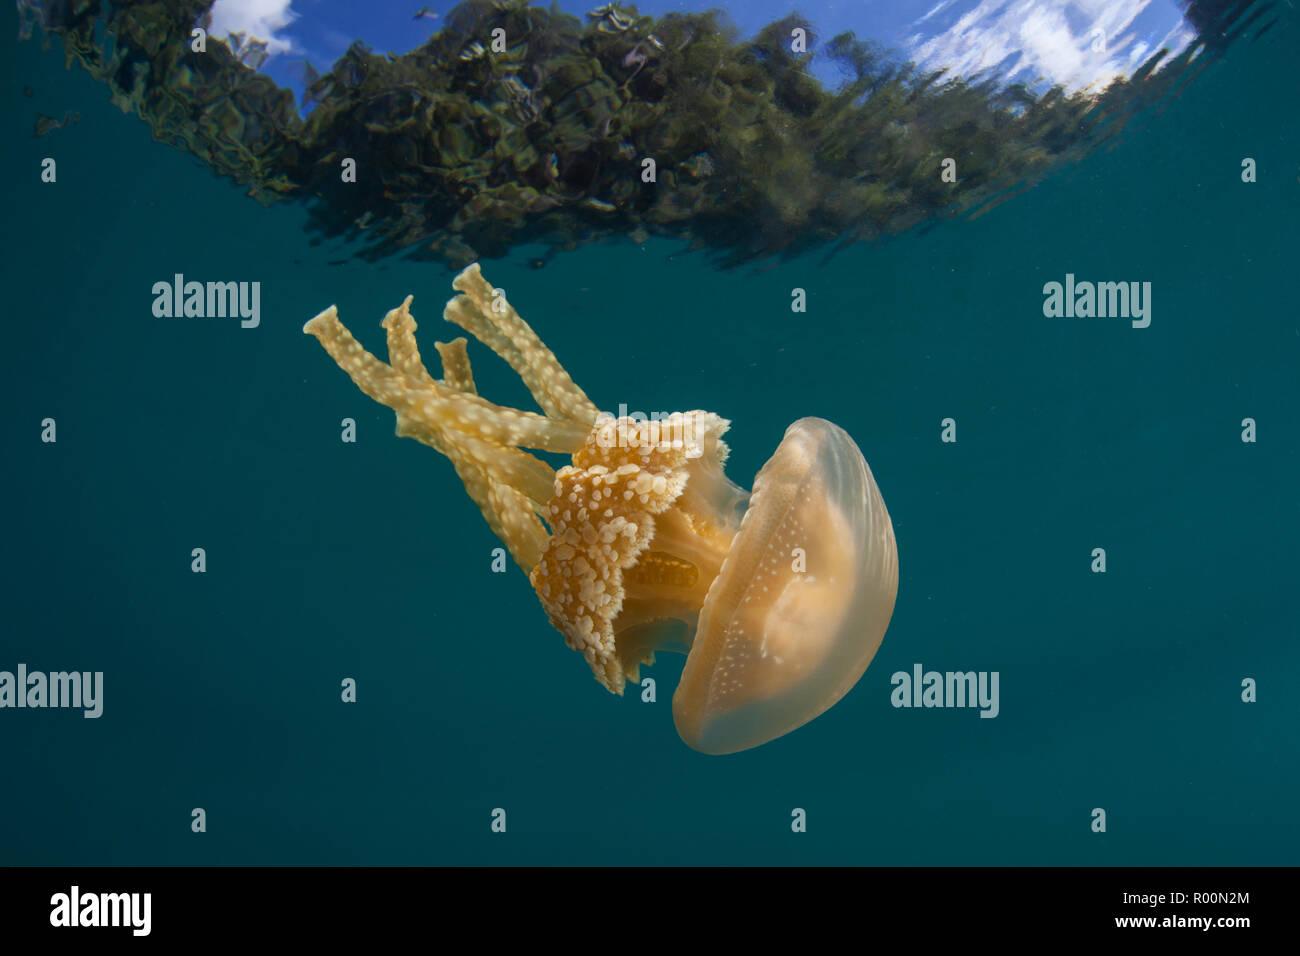 Or, une méduse Mastigias papua, dérives dans les eaux peu profondes de Raja Ampat, en Indonésie. Cette région est connue pour ses spectaculaires de la biodiversité marine. Photo Stock